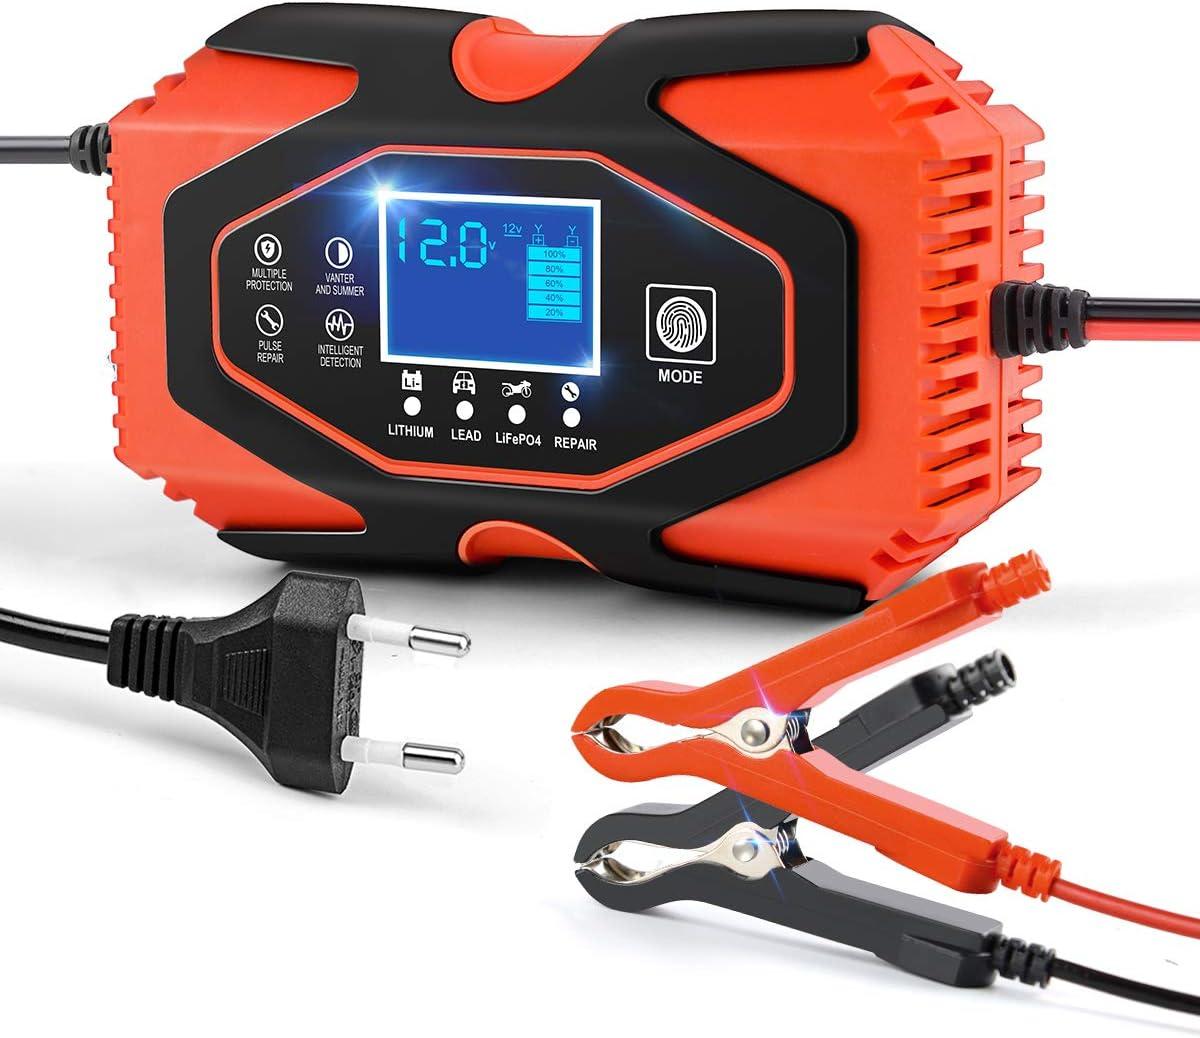 AOLEAD Cargador Baterias Coche de Moto 6A 12V/24V Mantenedor Bateria Coche con Pantalla LCD y Botón de Táctil para Automóvile, Motocicleta ATV